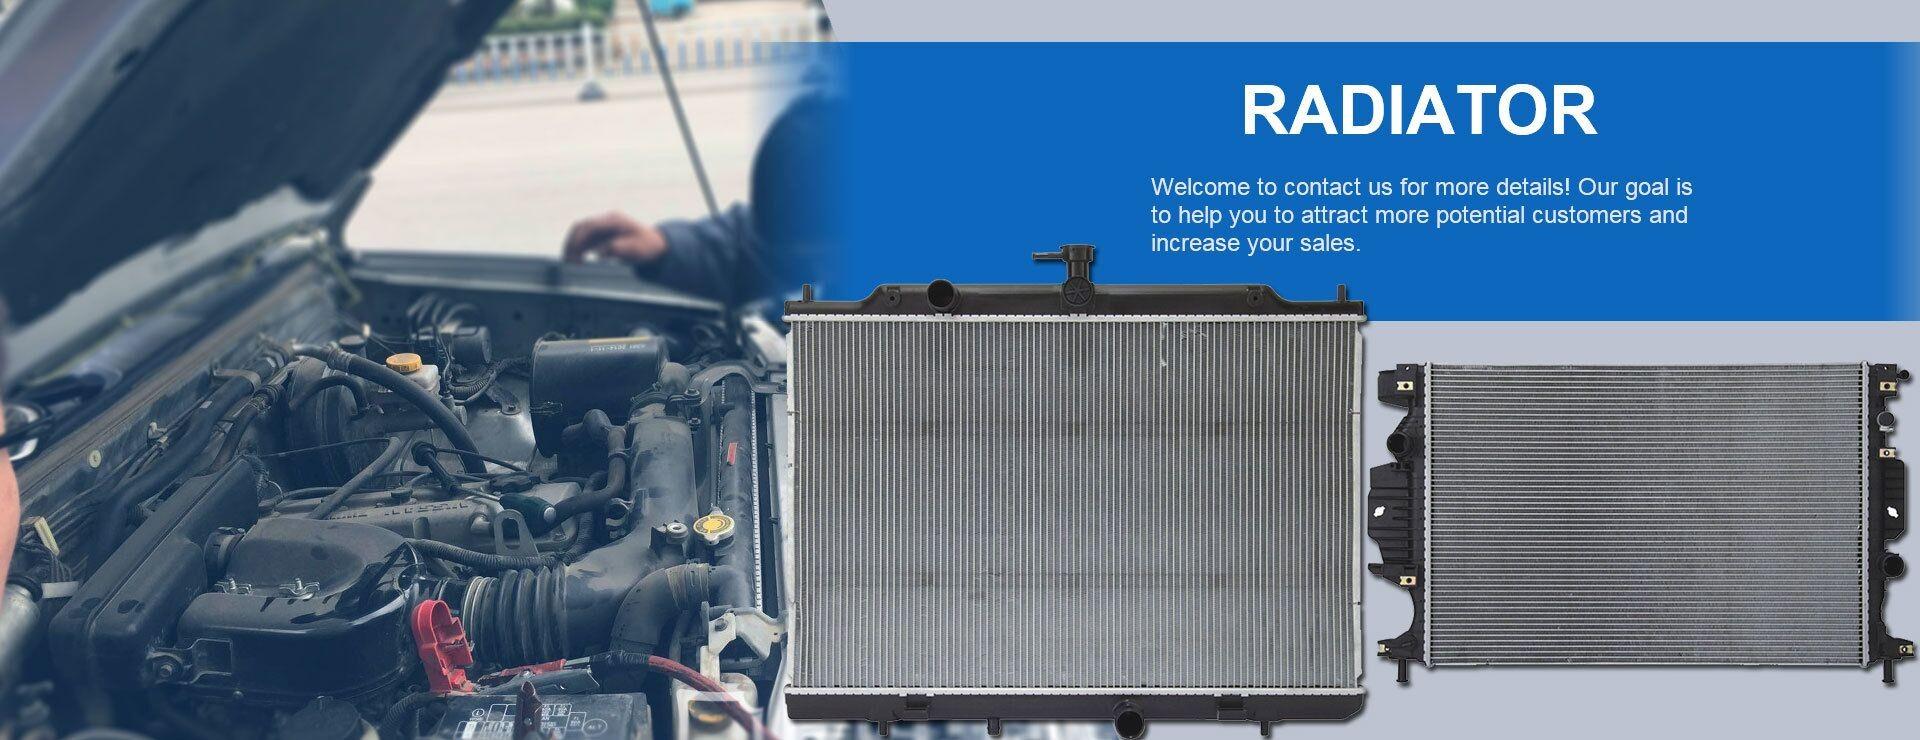 Tanque del radiador del coche